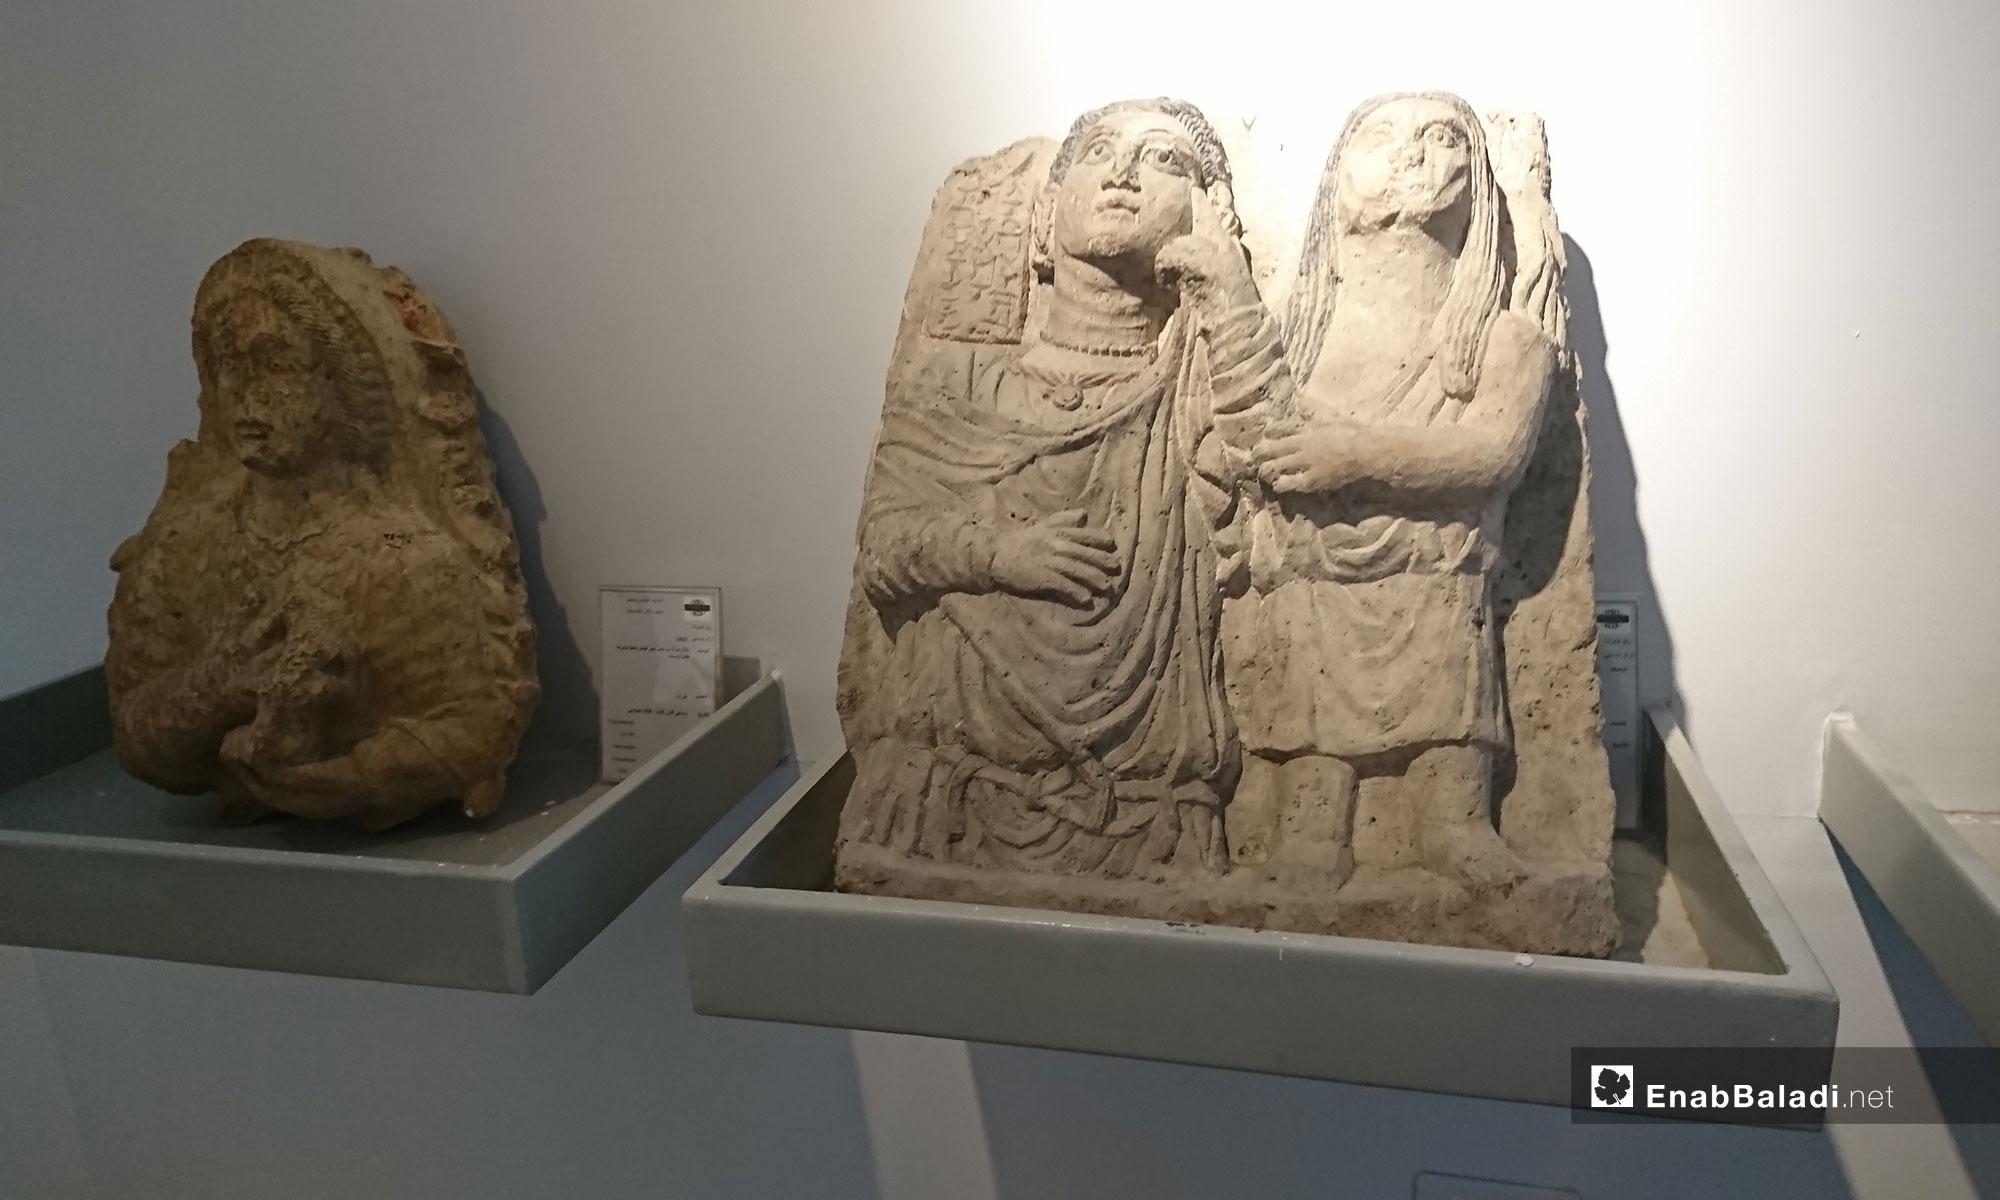 المتحف الوطني في دمشق - 13 من تشرين الثاني 2018 (عنب بلدي)